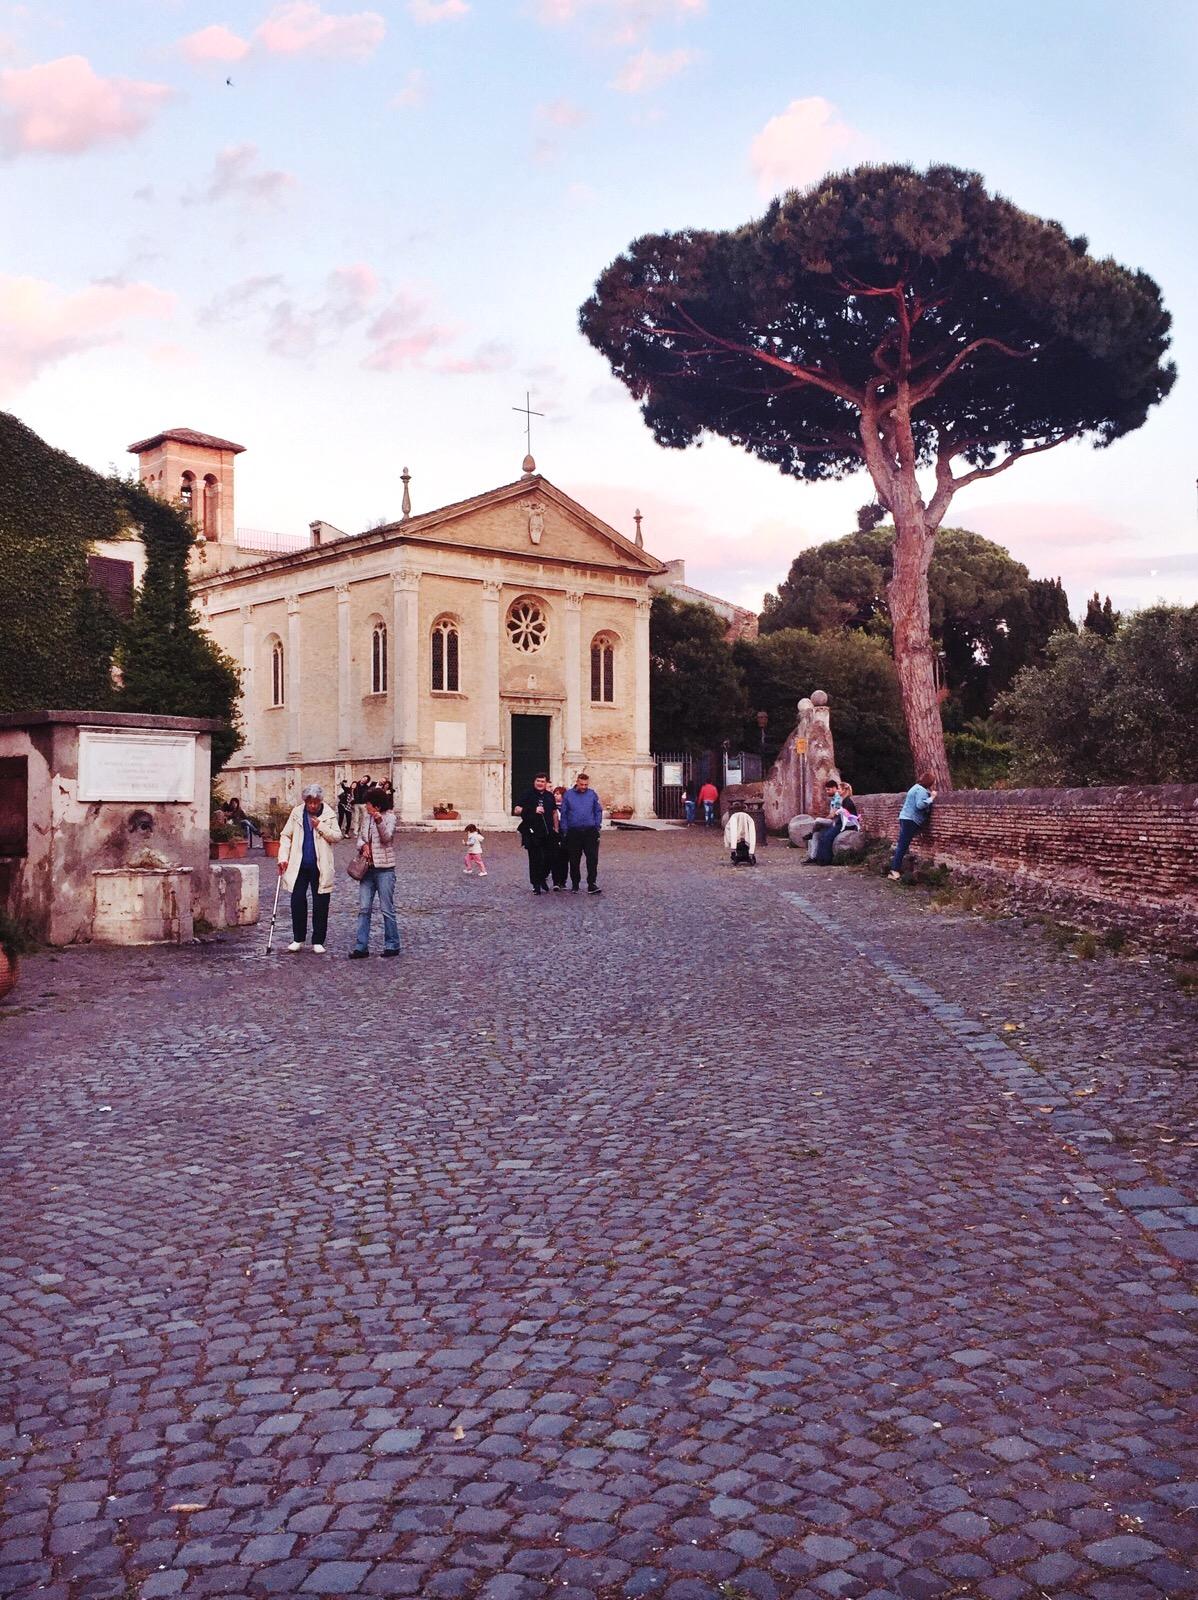 Chiesa S. Aurea